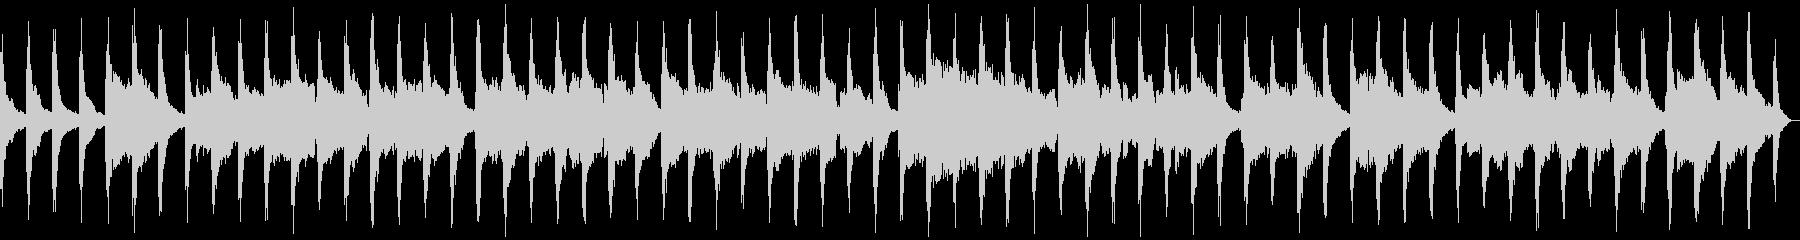 尺八とピアノによる和風インストの未再生の波形